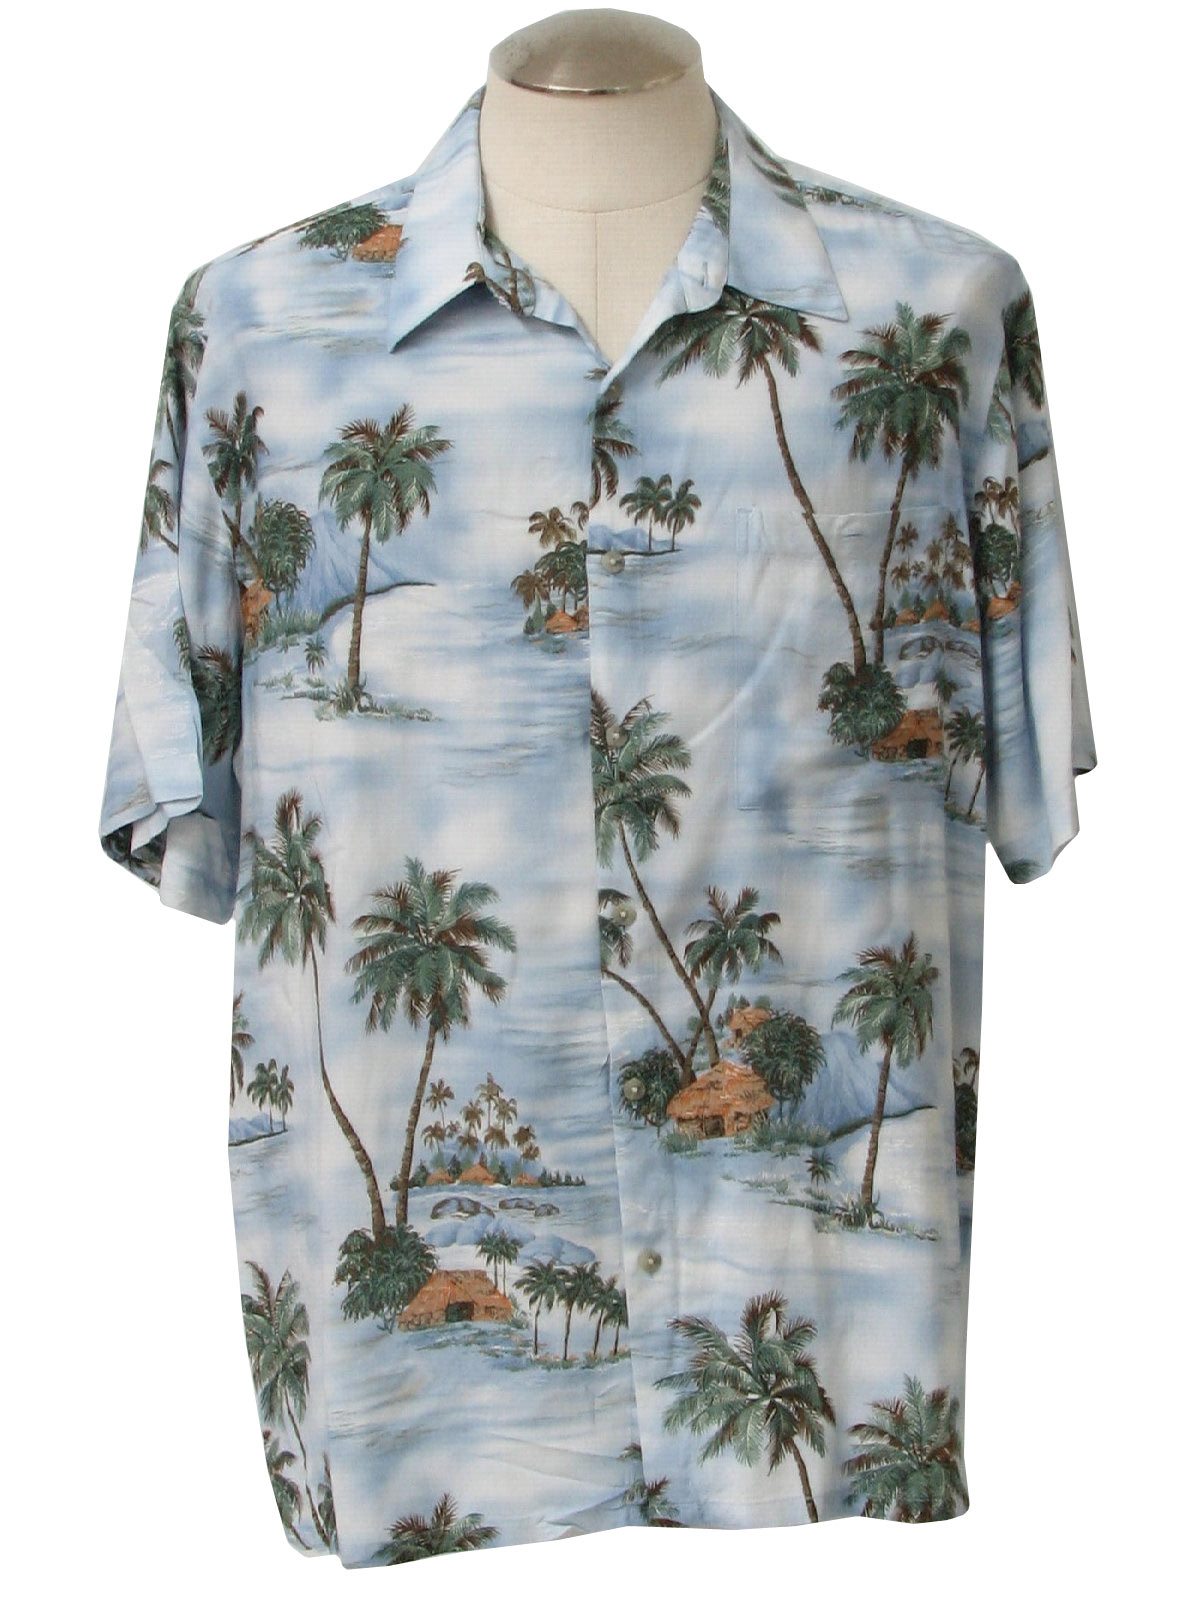 b0b91462e46 1990's Croft and Barrow Mens Hawaiian Shirt